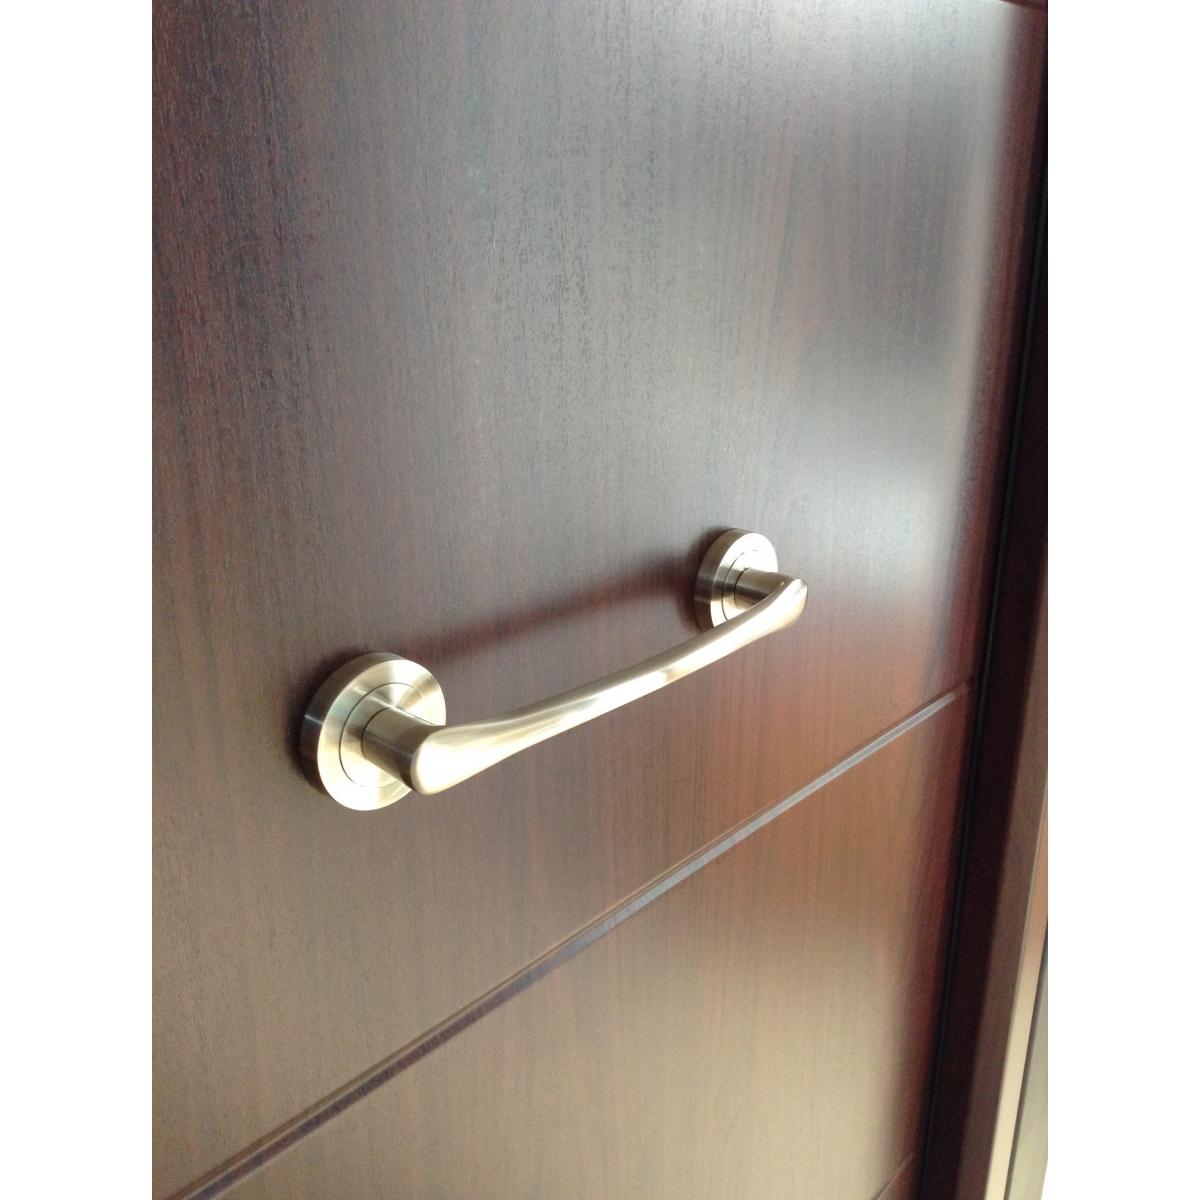 Puerta acorazada Verona - Puertas acorazadas Serie B4-BL